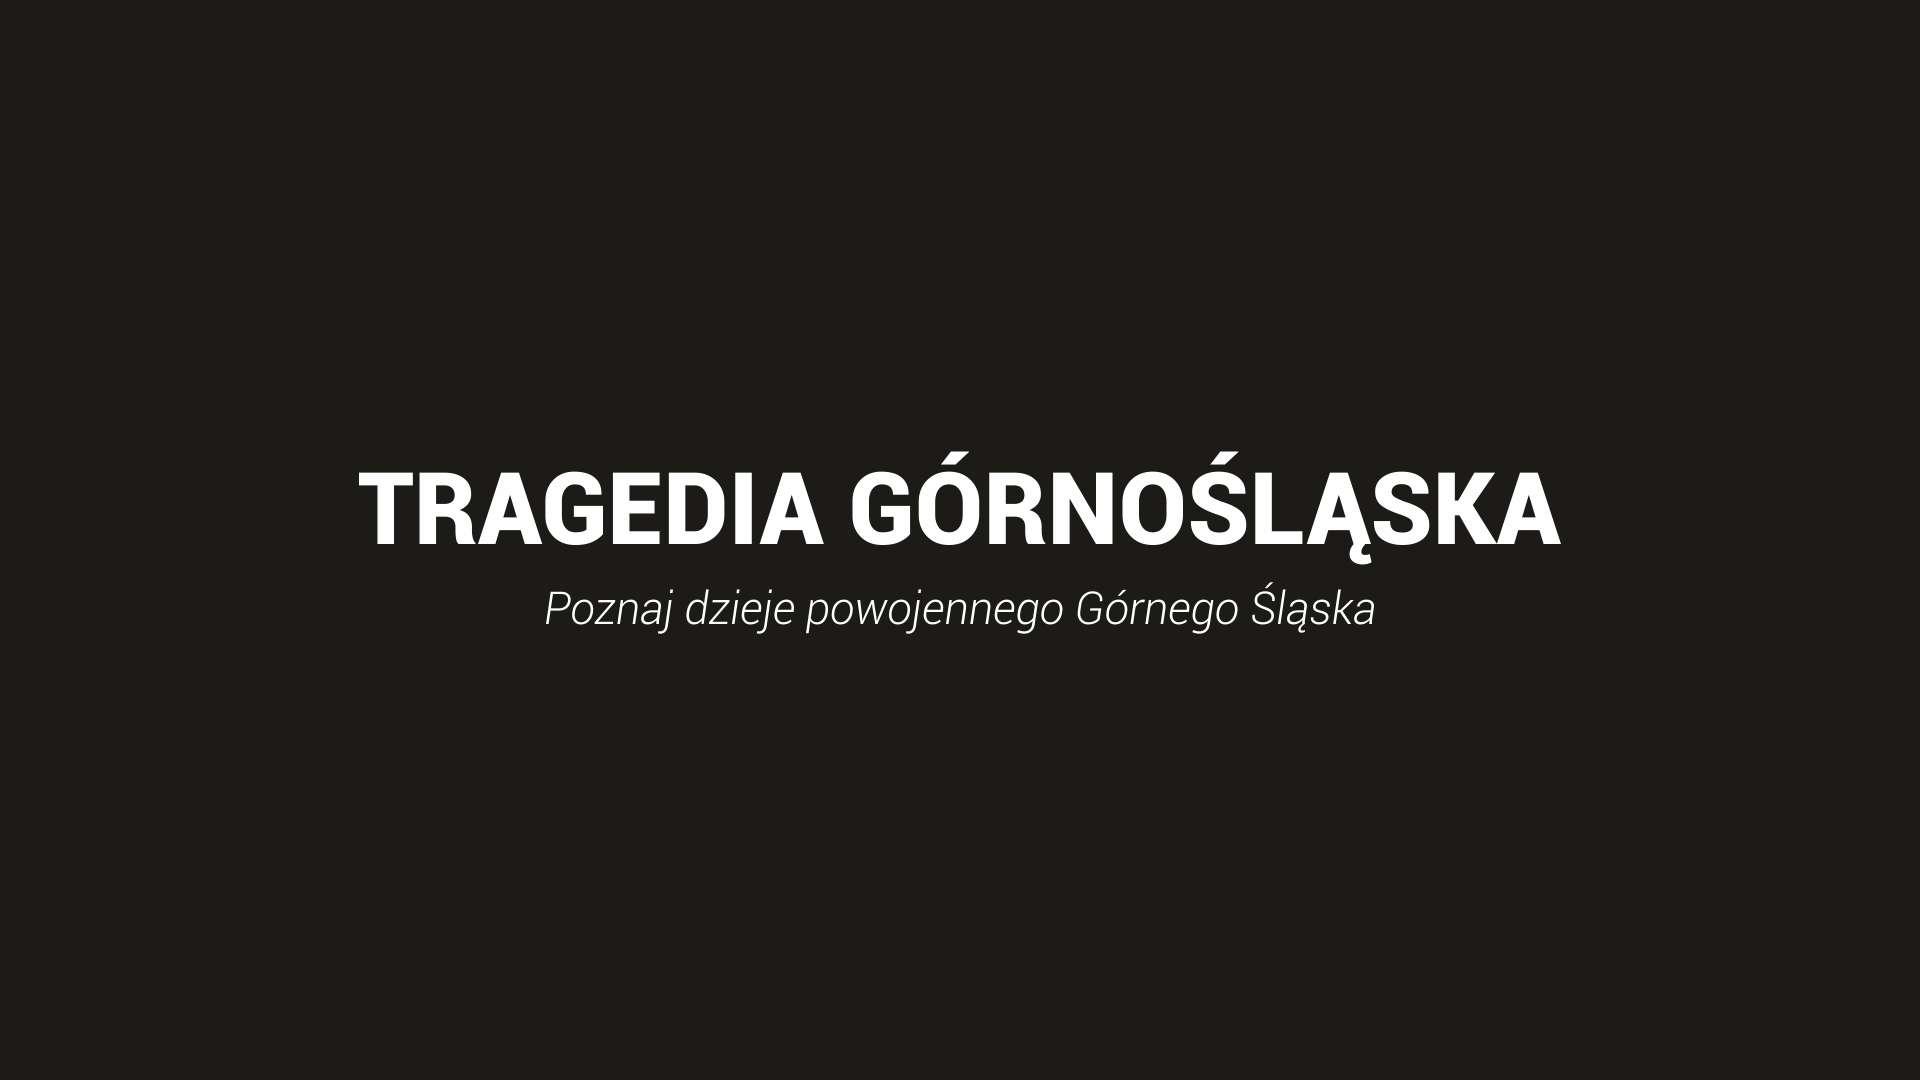 tragedia-górnośląska